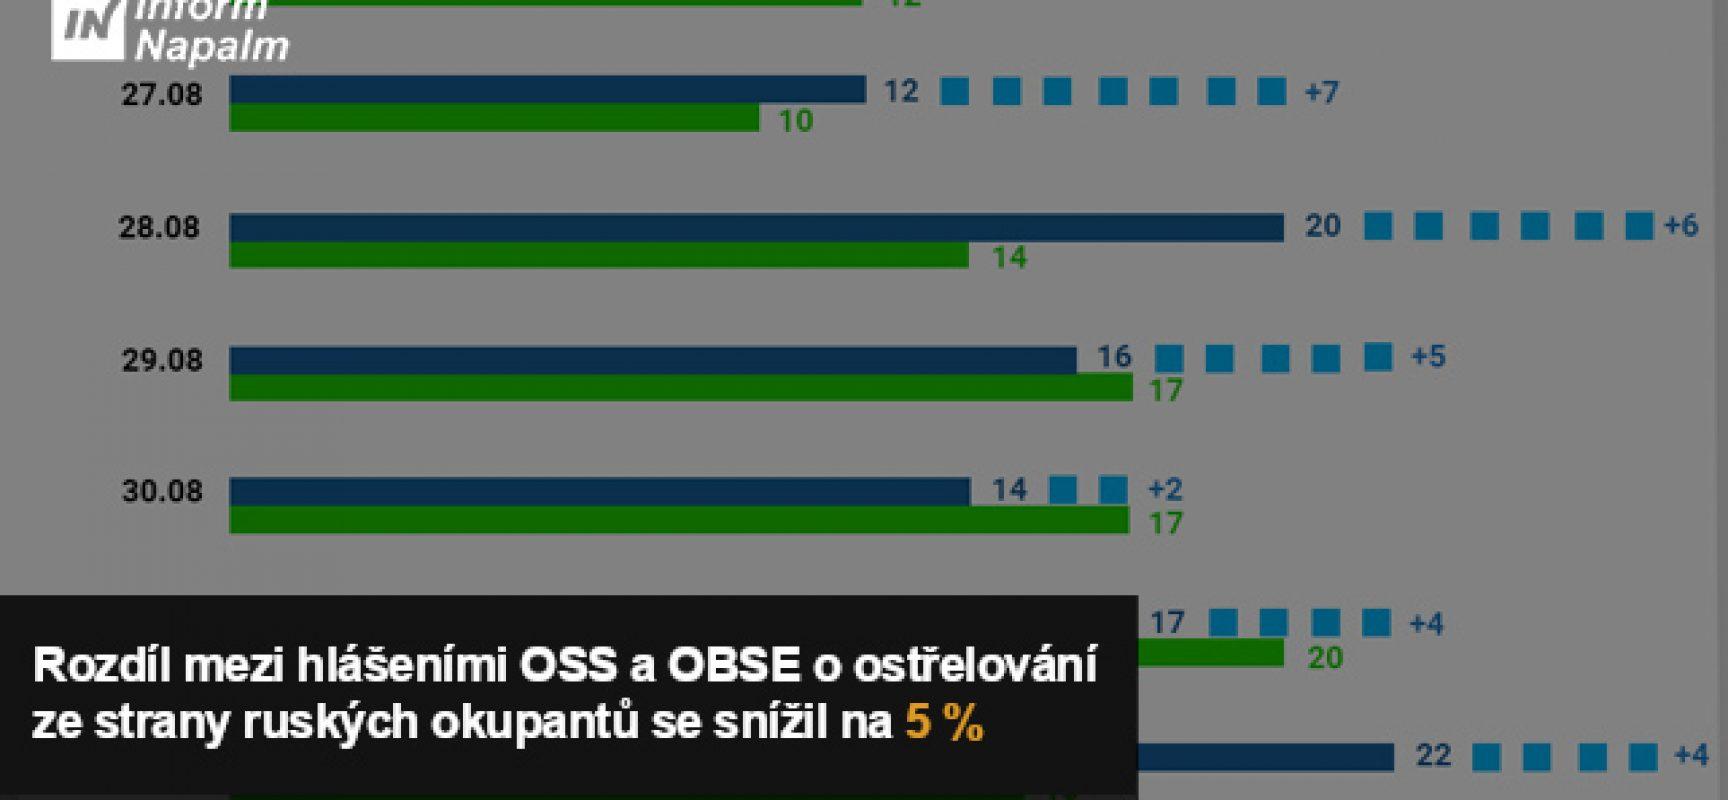 Rozdíl mezi hlášeními OSS a OBSE o ostřelování ze strany ruských okupantů se snížil na 5 % (Infografika)